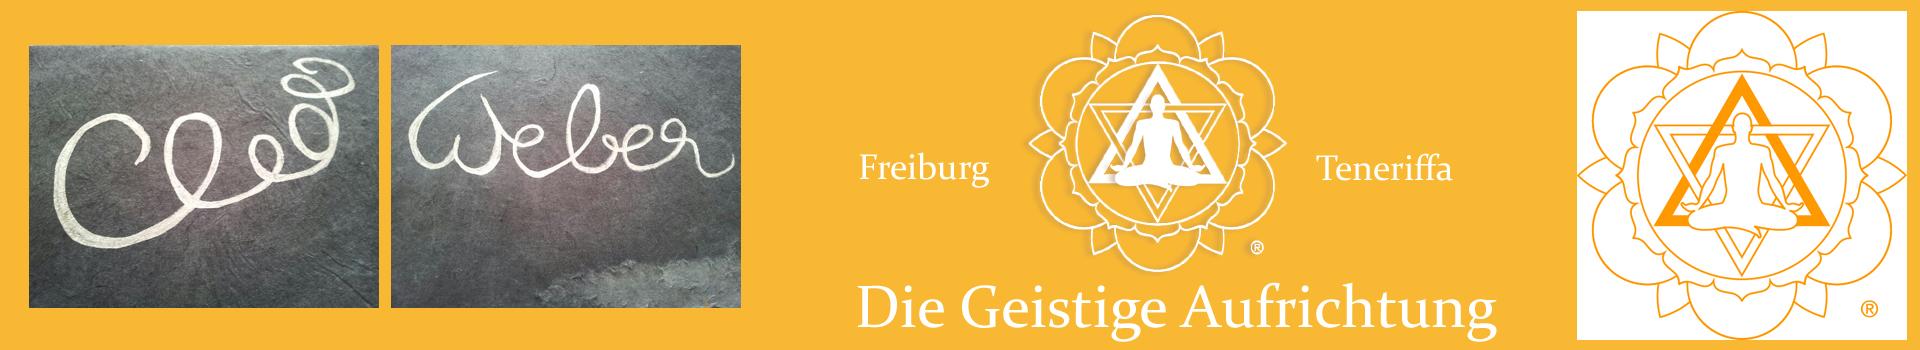 Geistige Aufrichtung Freiburg und Teneriffa